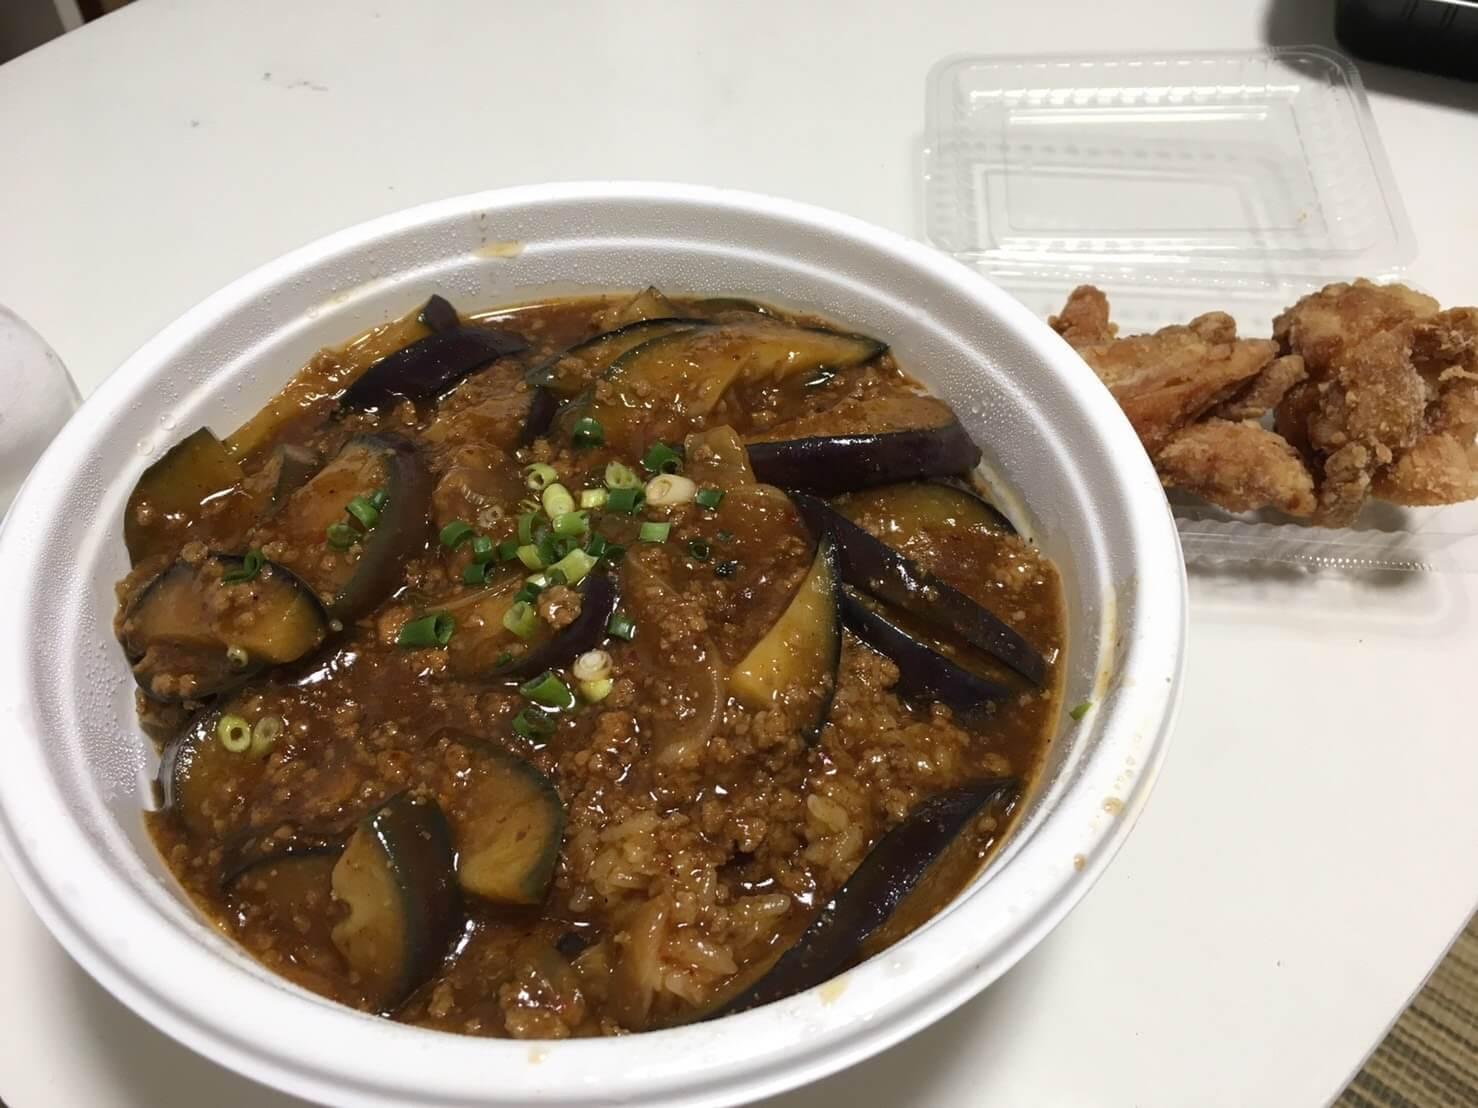 【ママデリカ】大江のコスパ抜群ガッツリ弁当。ついまた食べたくなる味付けで配達もオッケー!